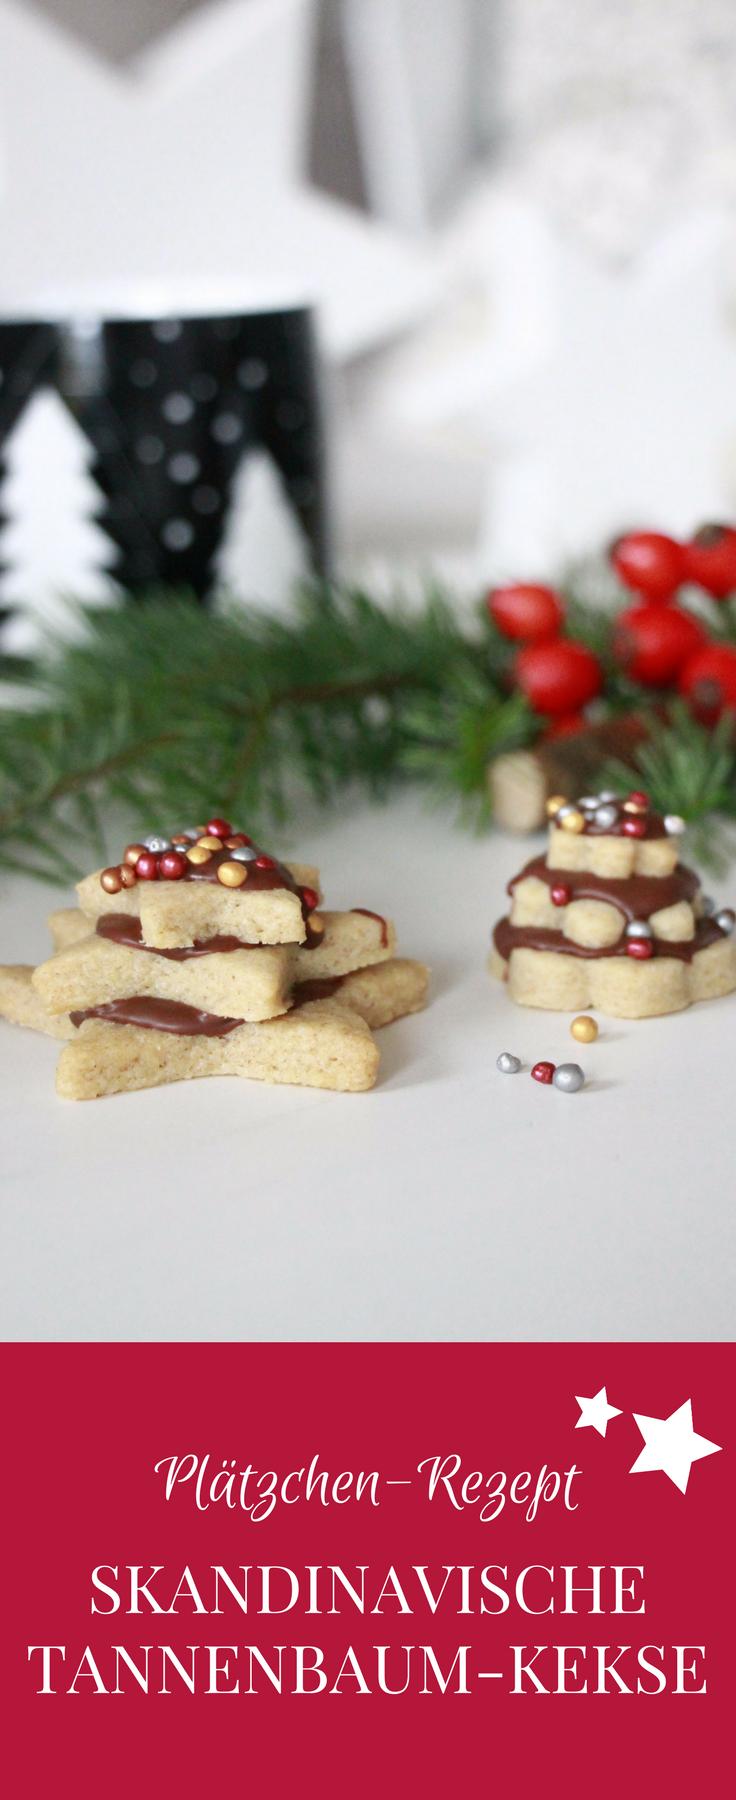 Besondere Weihnachtsplätzchen Rezepte.Skandinavische Kekse Tannenbaum Plätzchen Mit Schokolade Stille